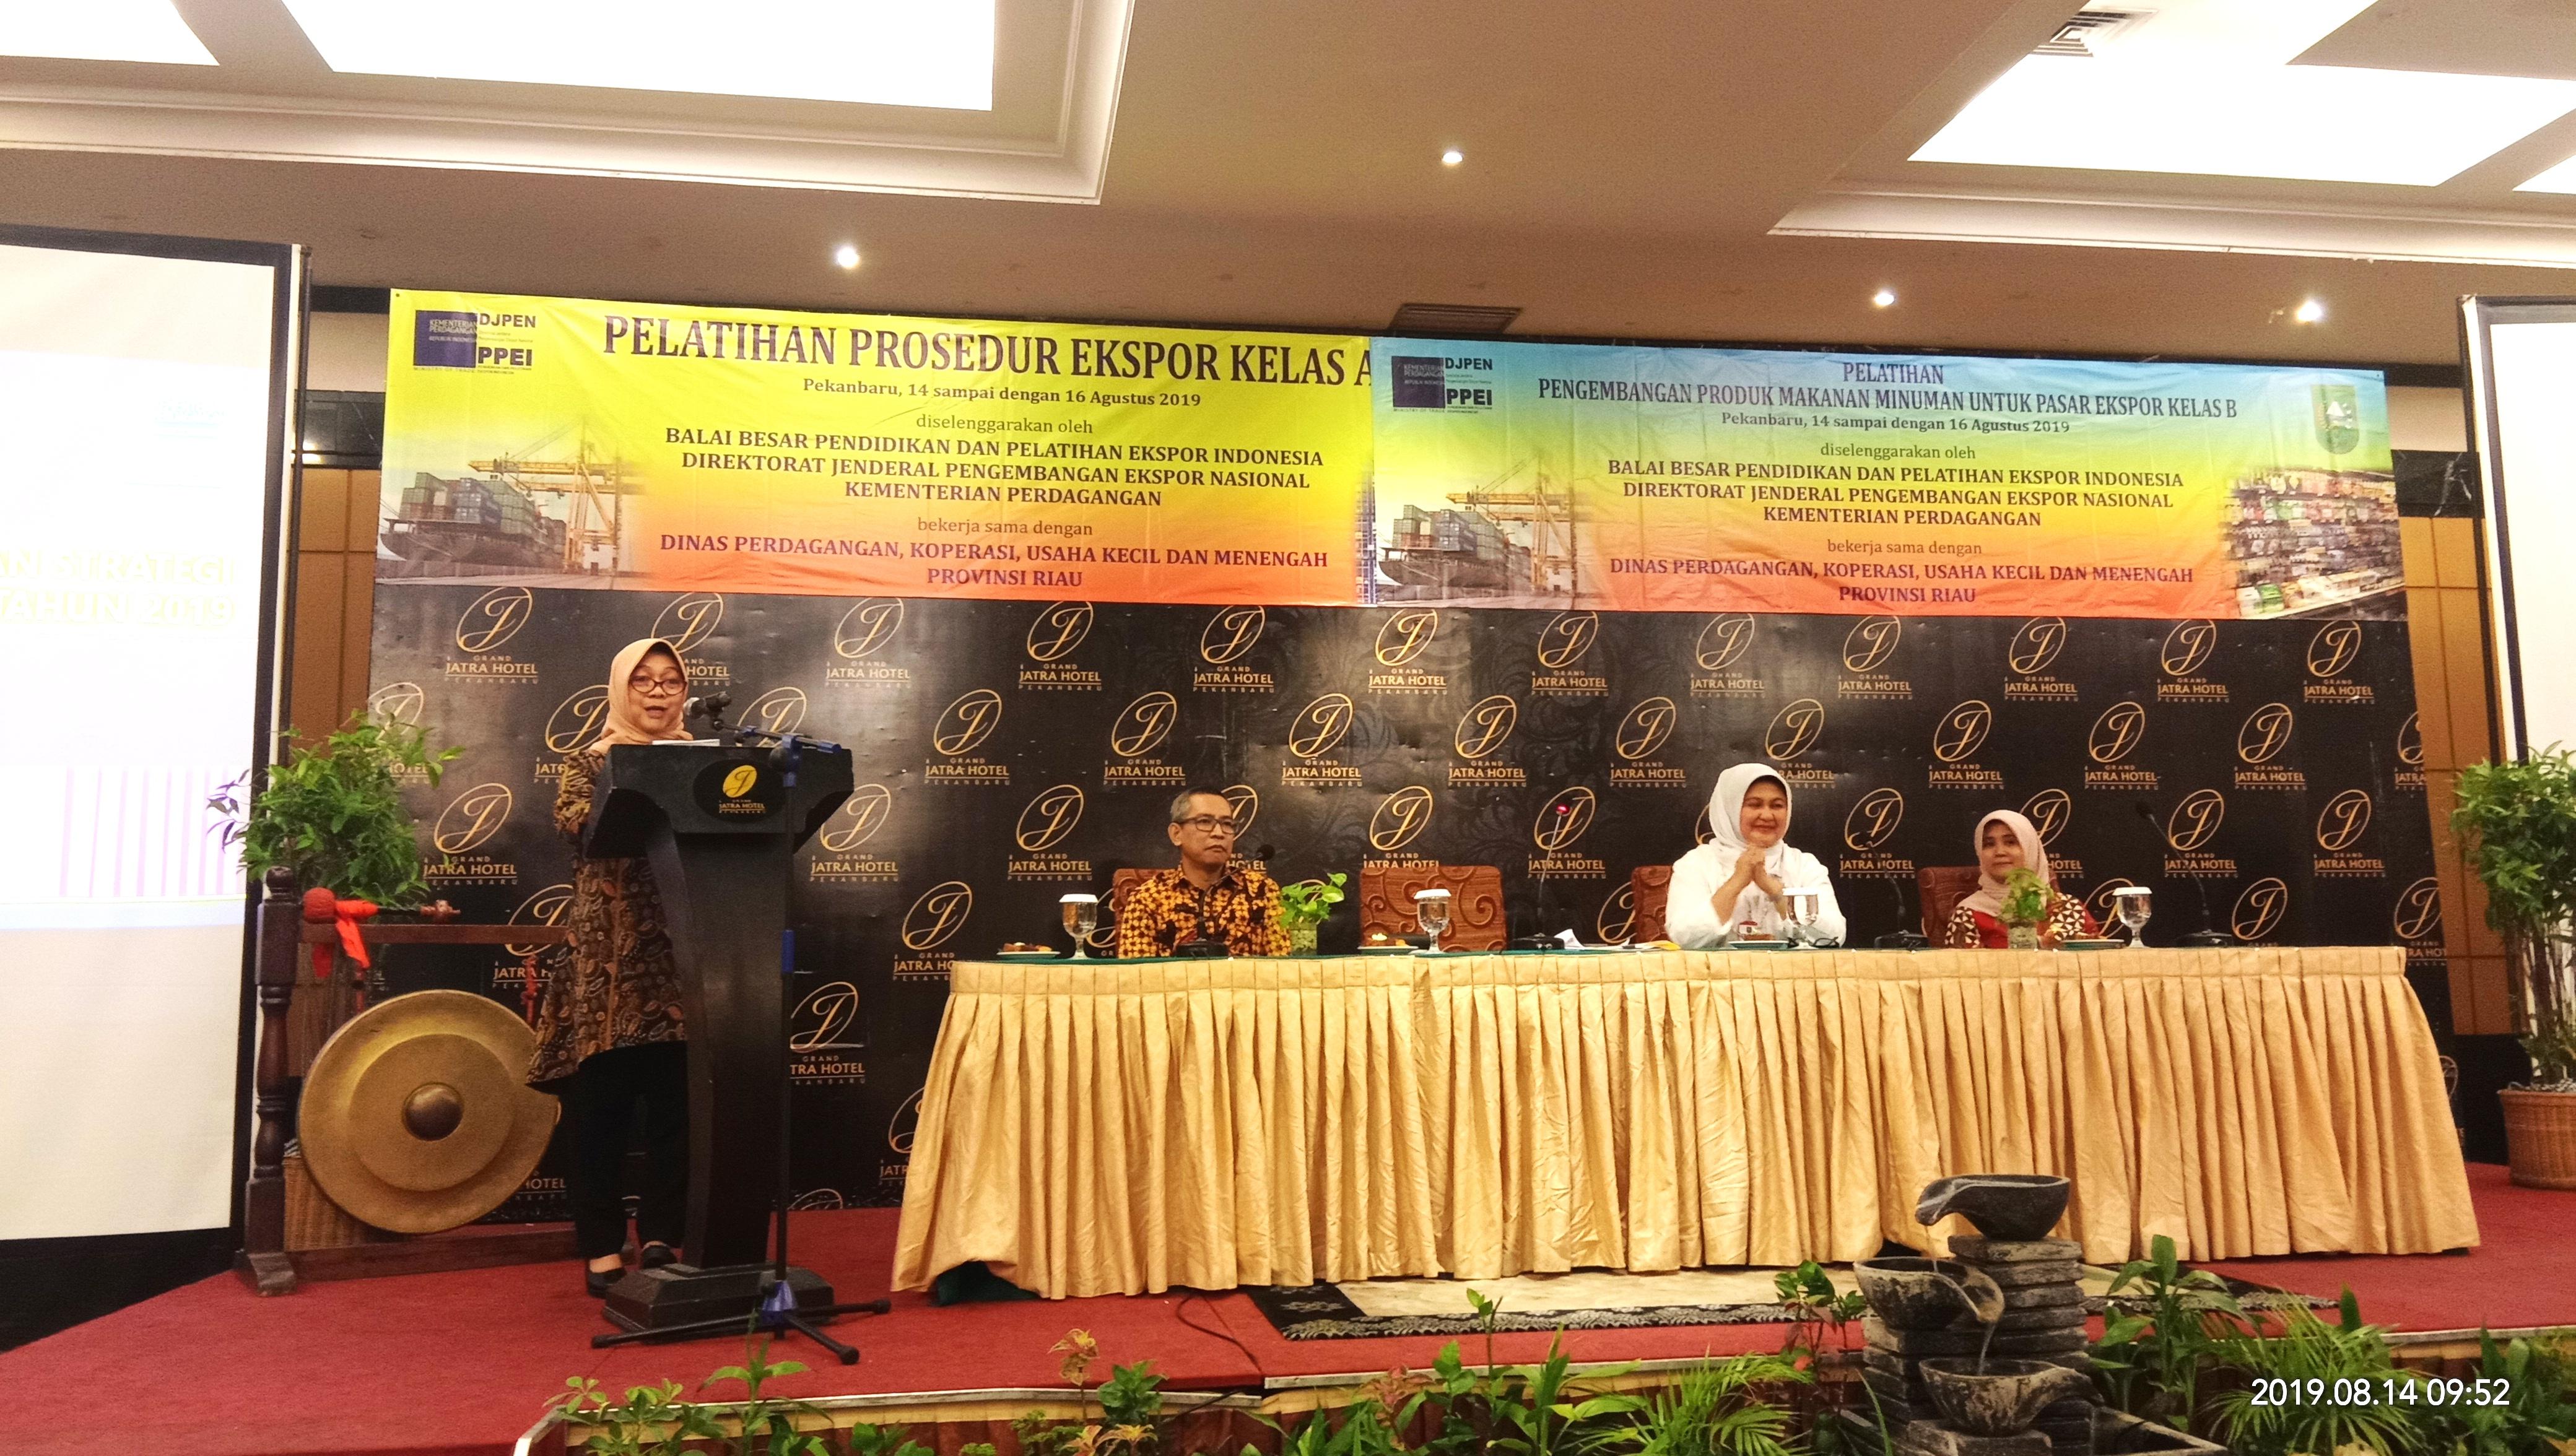 Kegiatan Pembukaan Pelatihan di Riau oleh Kepala Balai Besar